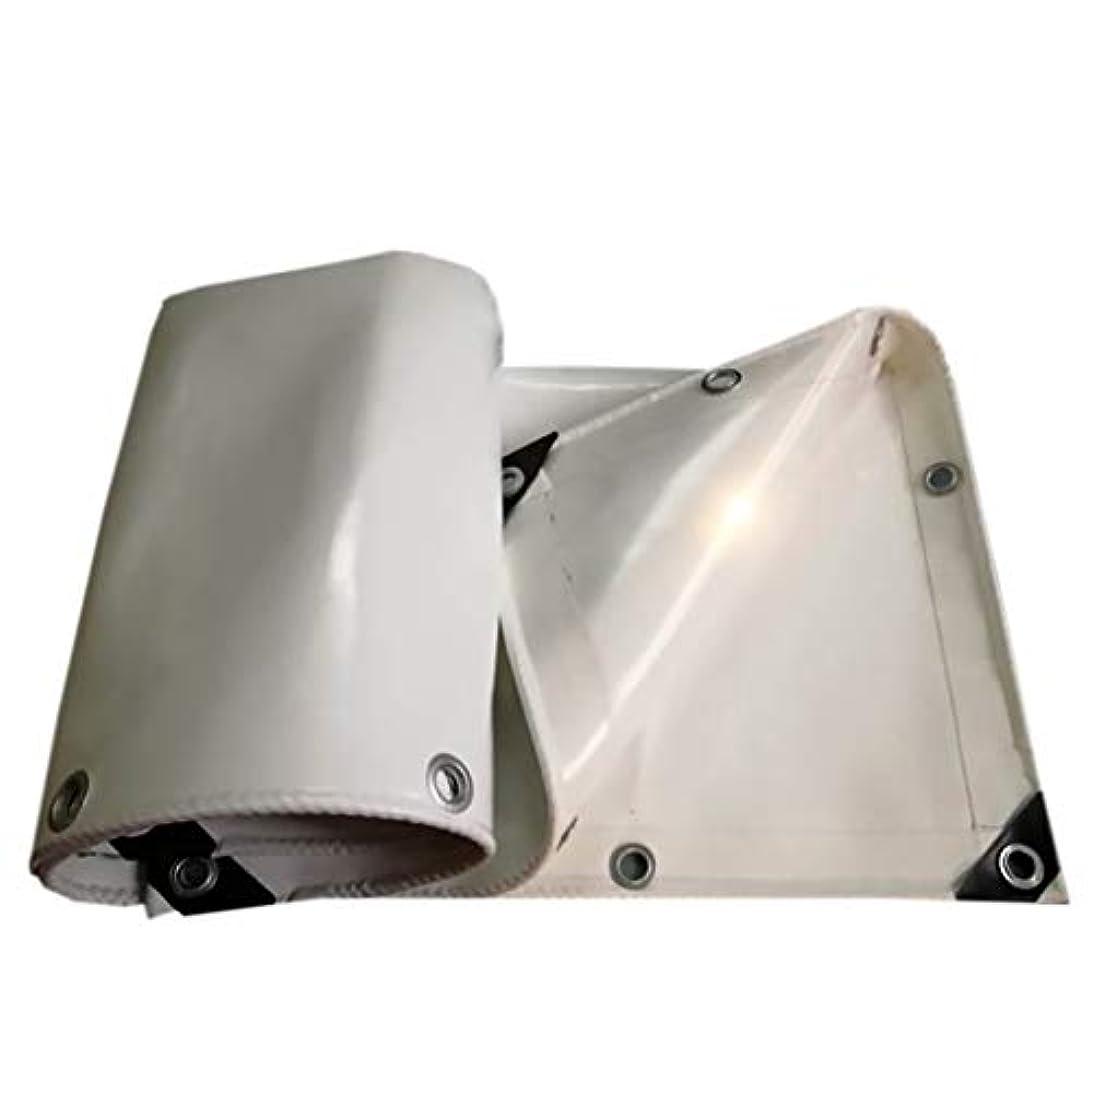 ガイドライン確かに素人厚手防水防水ターポリントラックターポリンナイフ掻き布-650g / m 2、厚さ:0.65 mm、白 (サイズ さいず : 2m*1.5m)